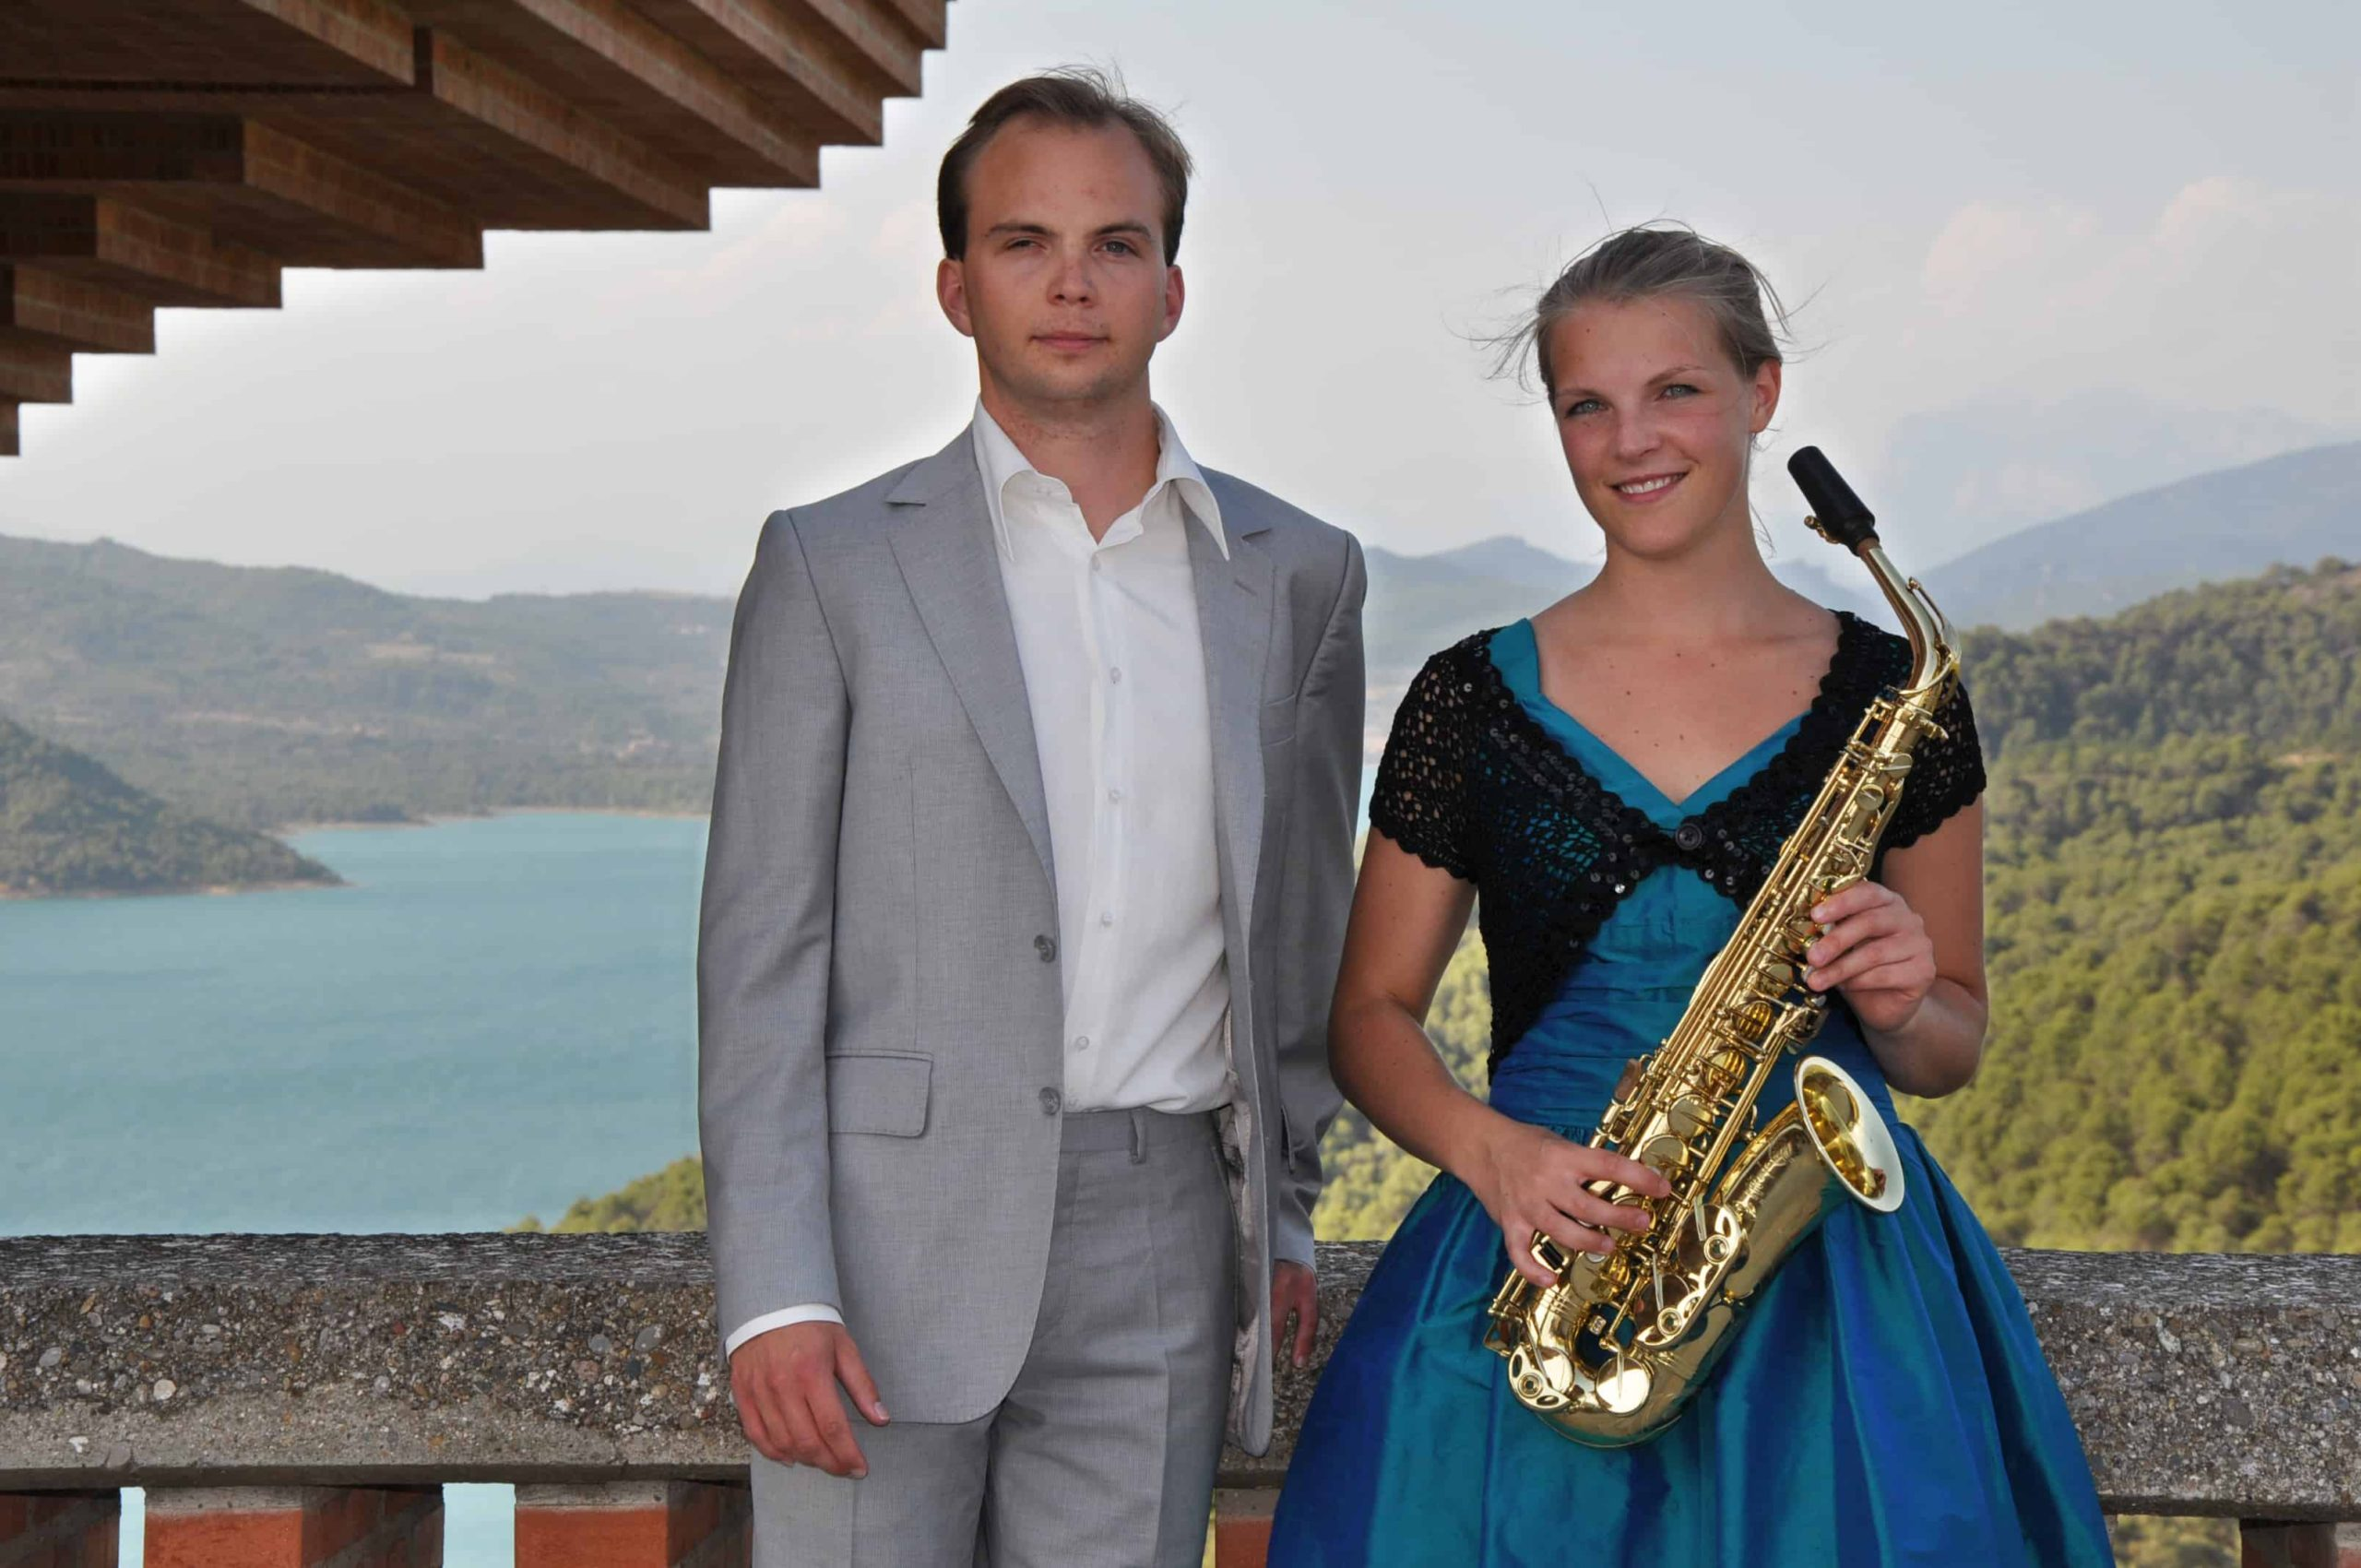 Actuación de Linn Persson y Simon Törnqvist en Torreciudad.jpg